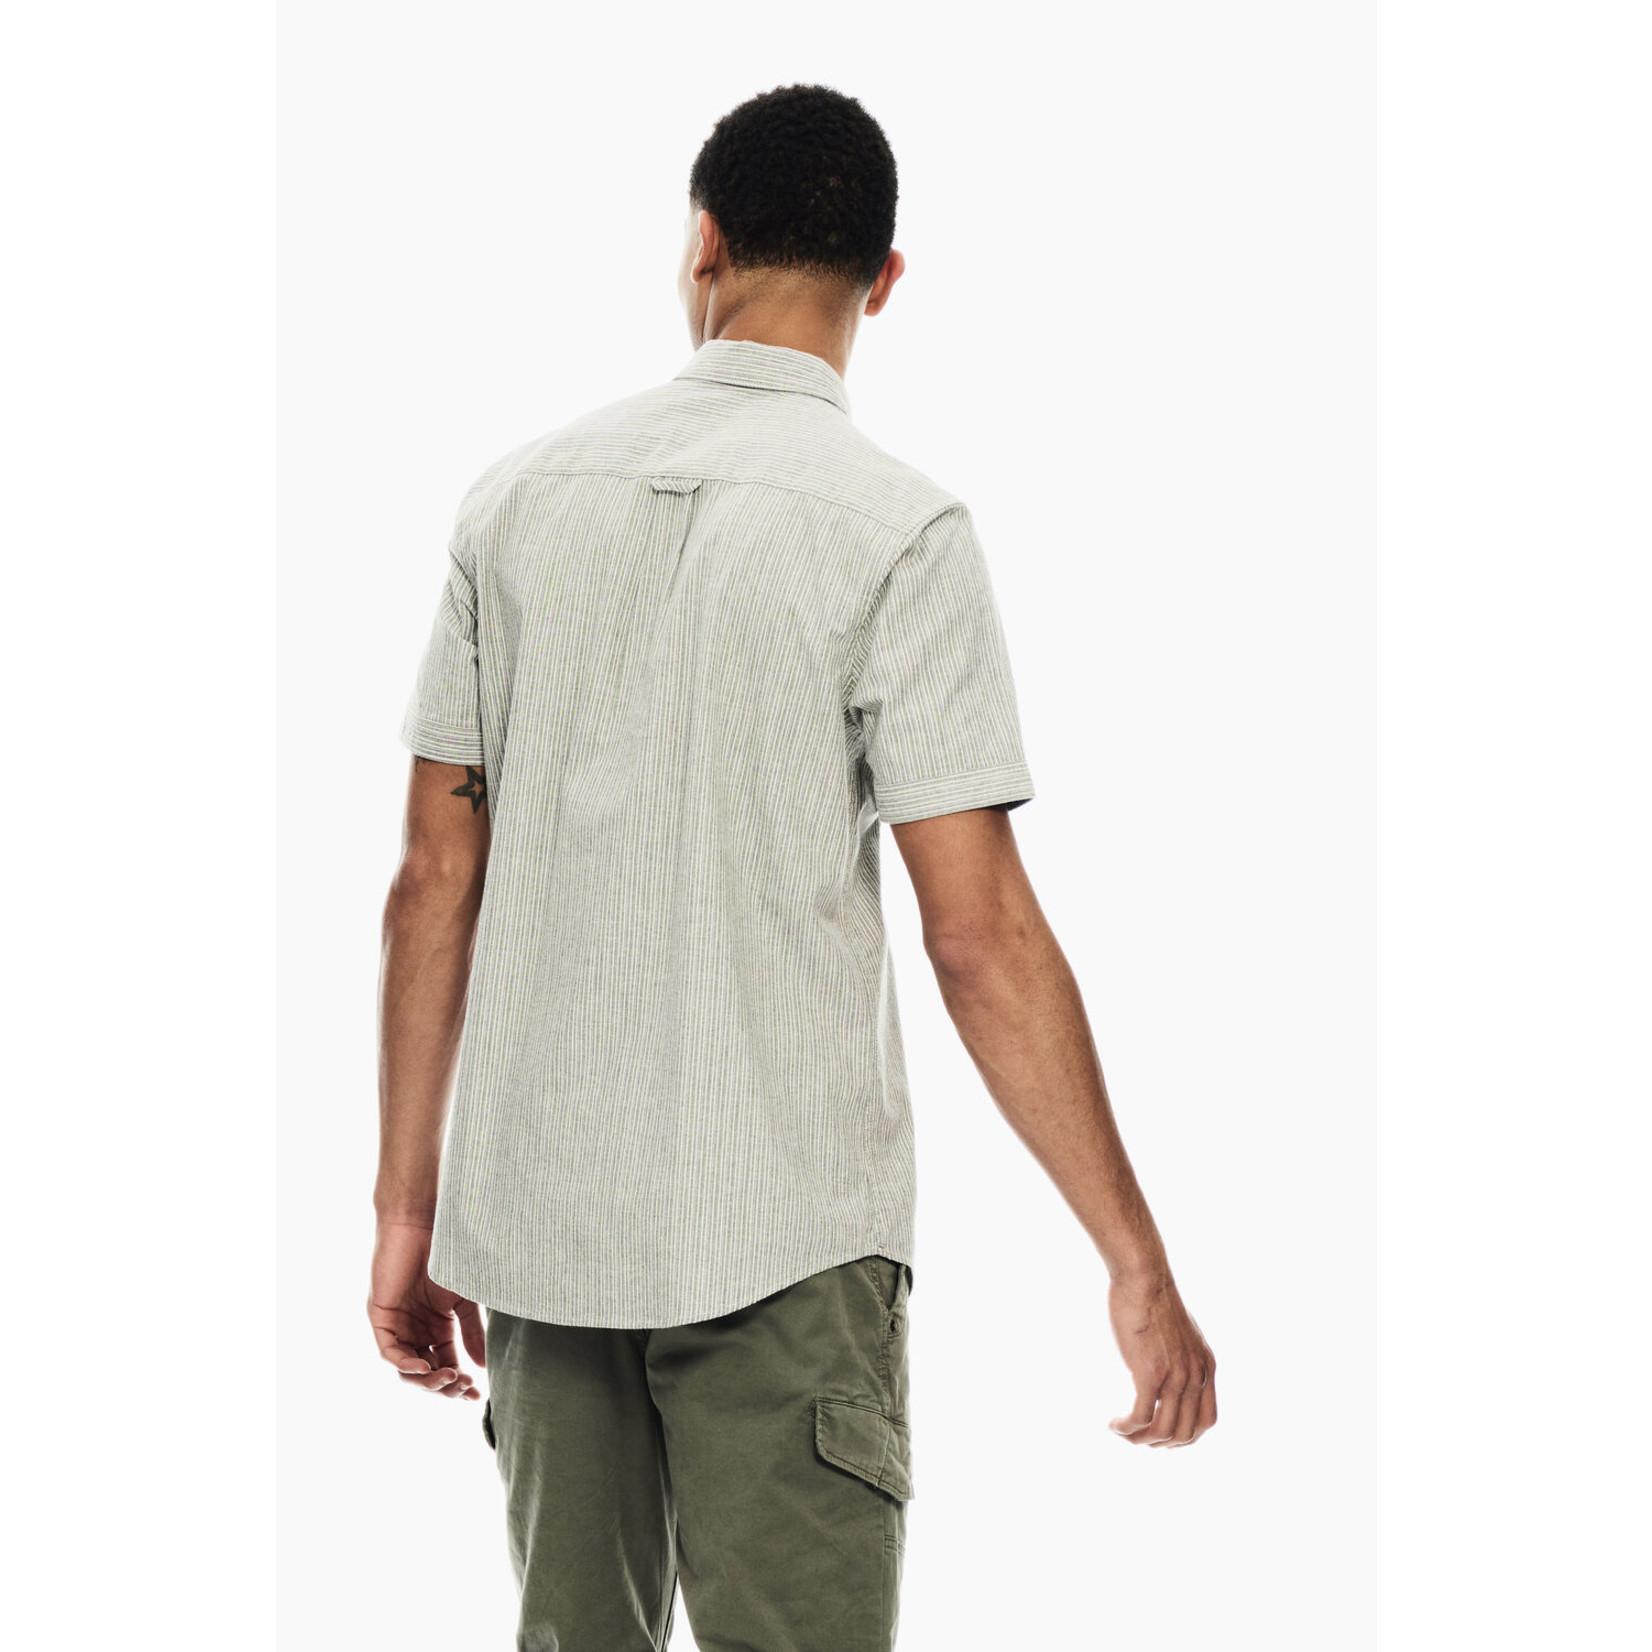 Garcia Garcia C11087 Striped Pocket Short Sleeve Shirt 3942 Deep Army